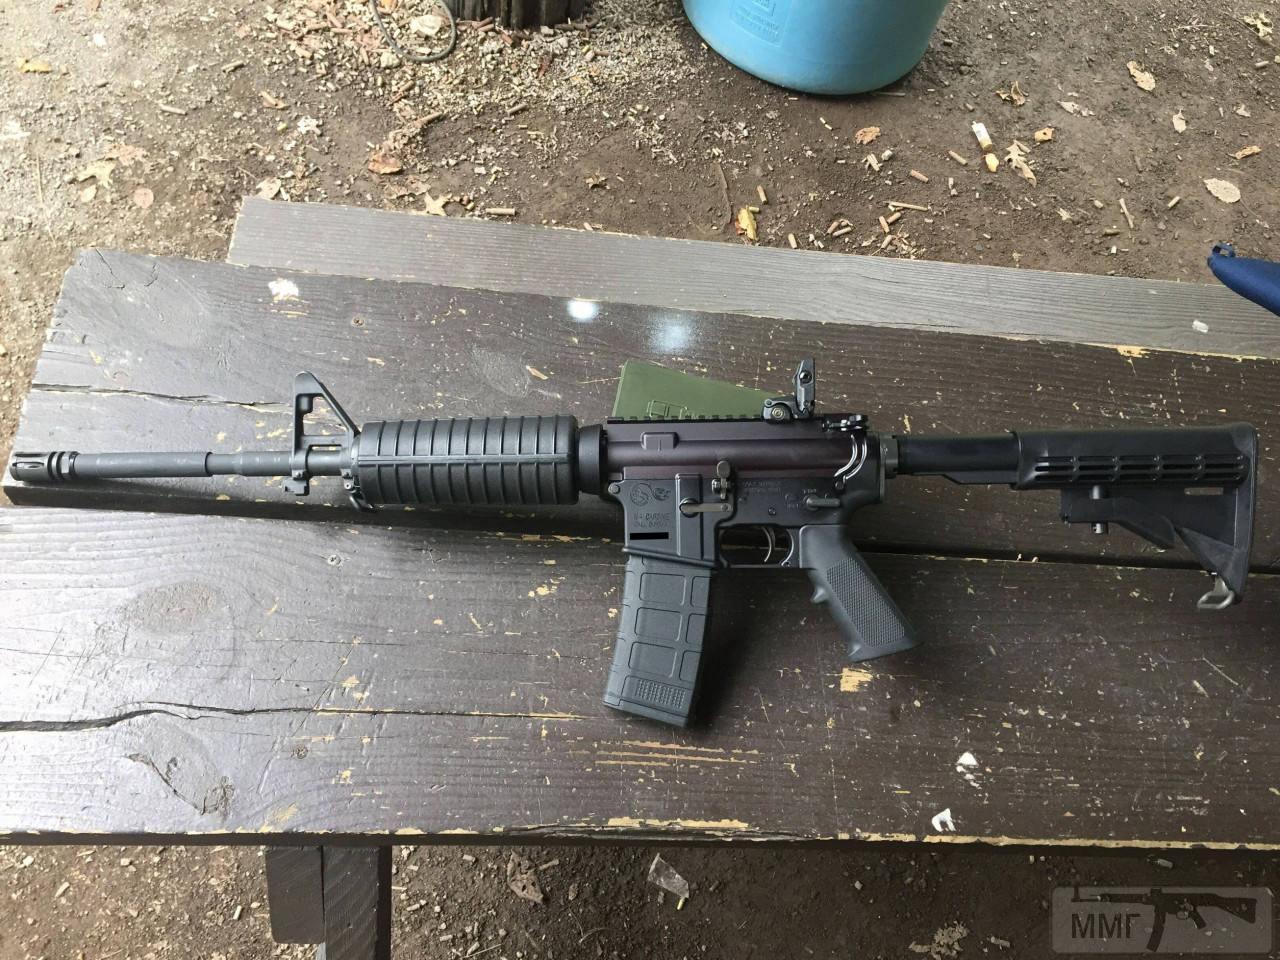 74082 - Фототема Стрелковое оружие